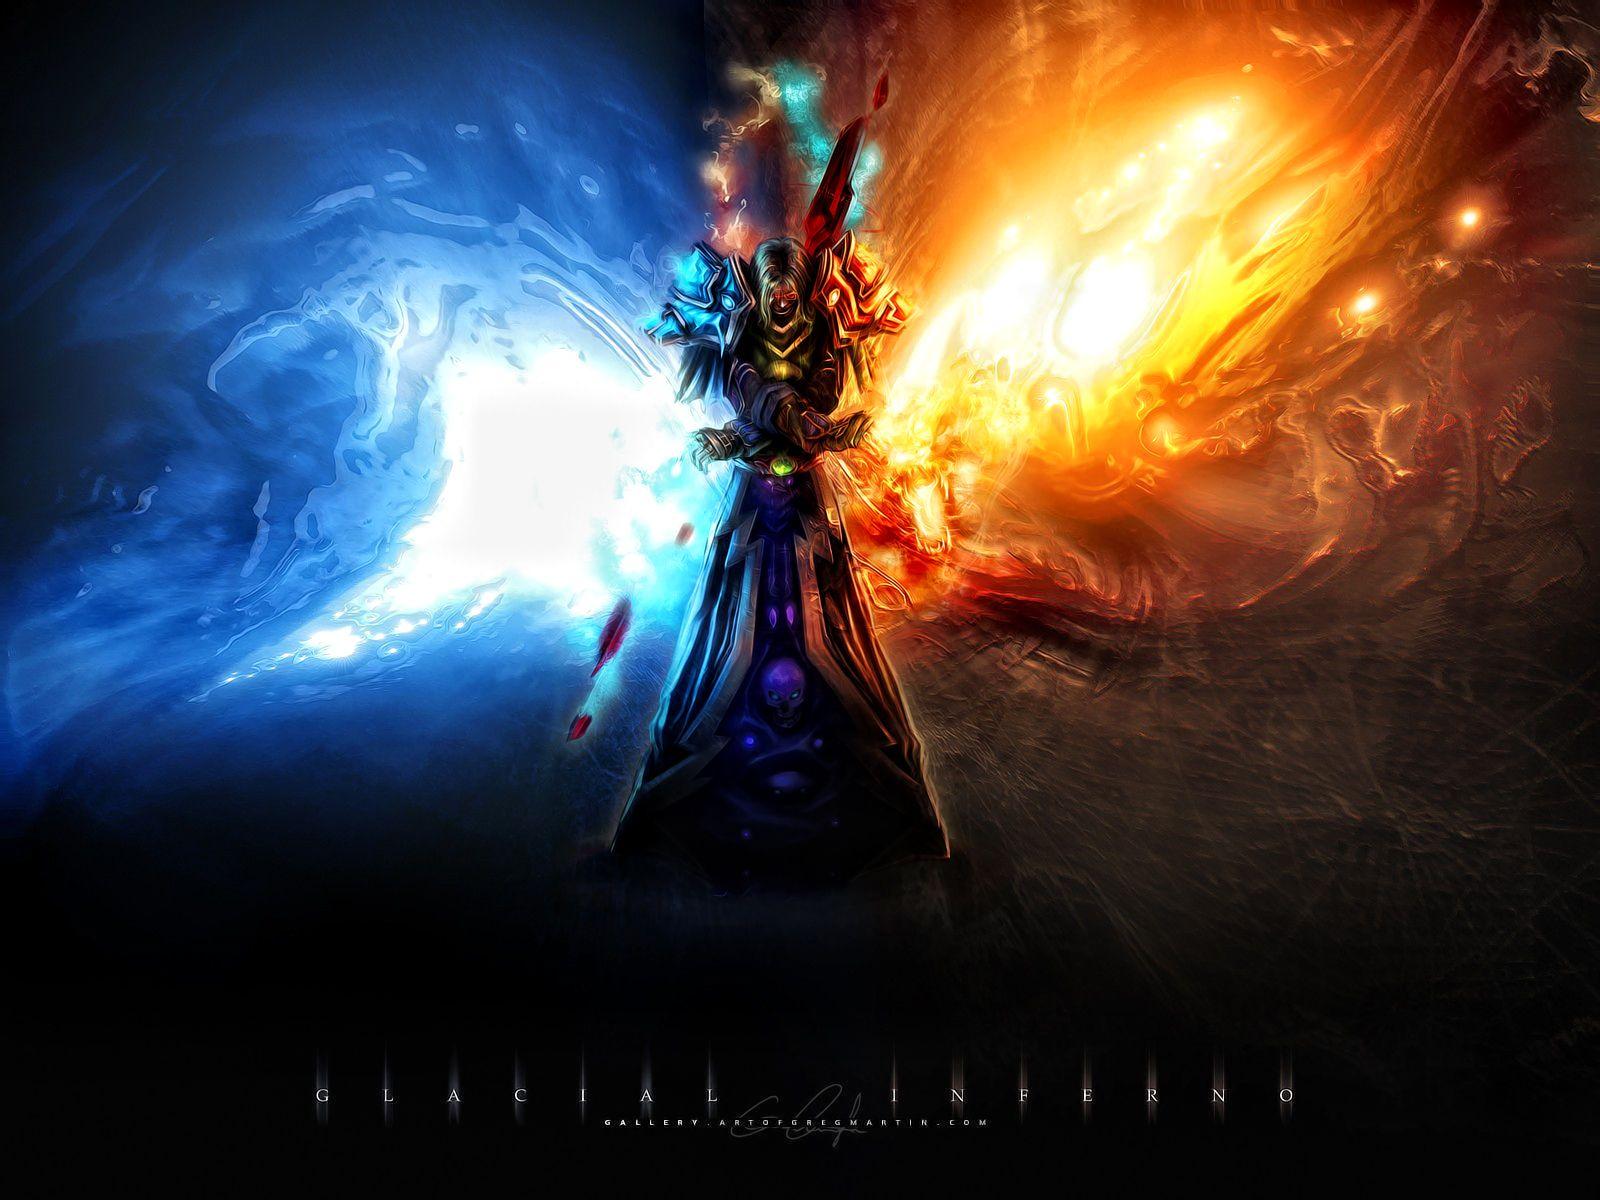 [魔兽世界]求一对好看的,能背在背上的单手剑名,并求一套性 感的幻化